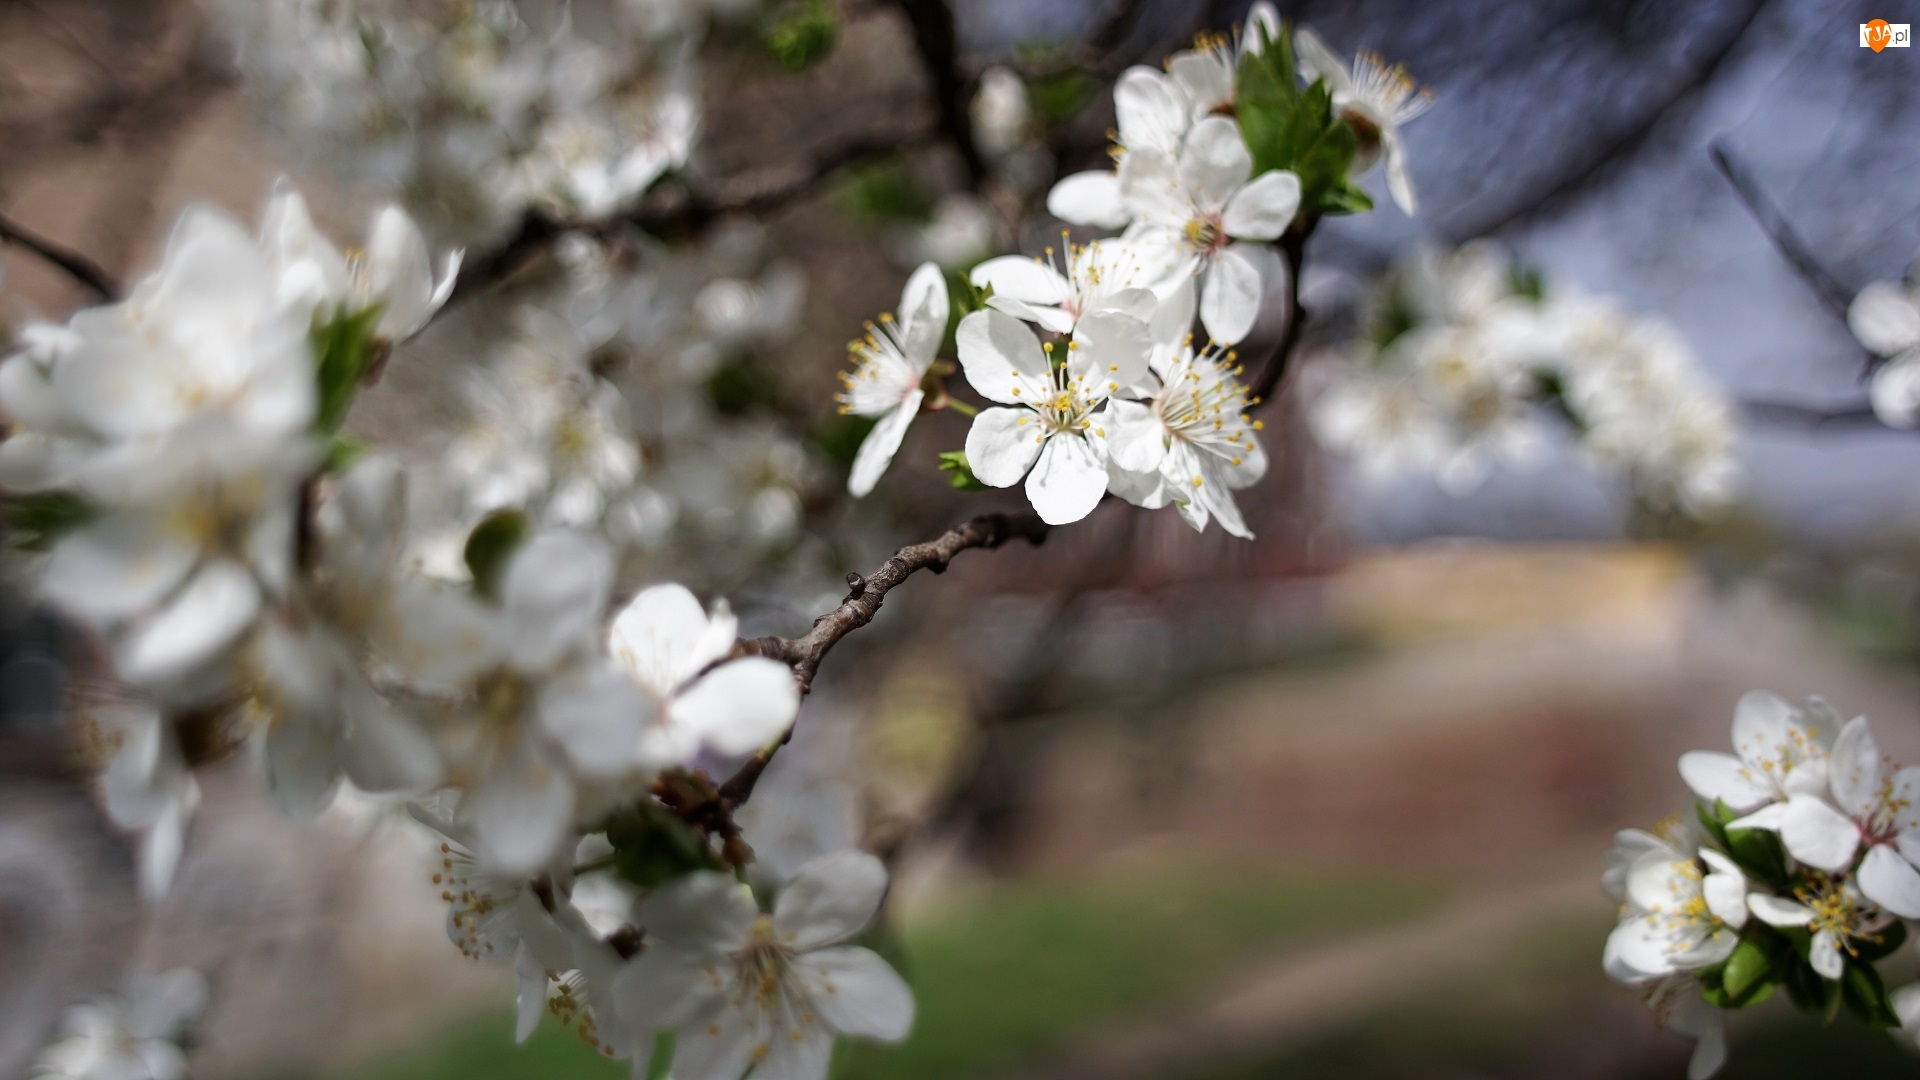 Kwiatki, Białe, Pręciki, Drzewo owocowe, Żółte, Gałązki